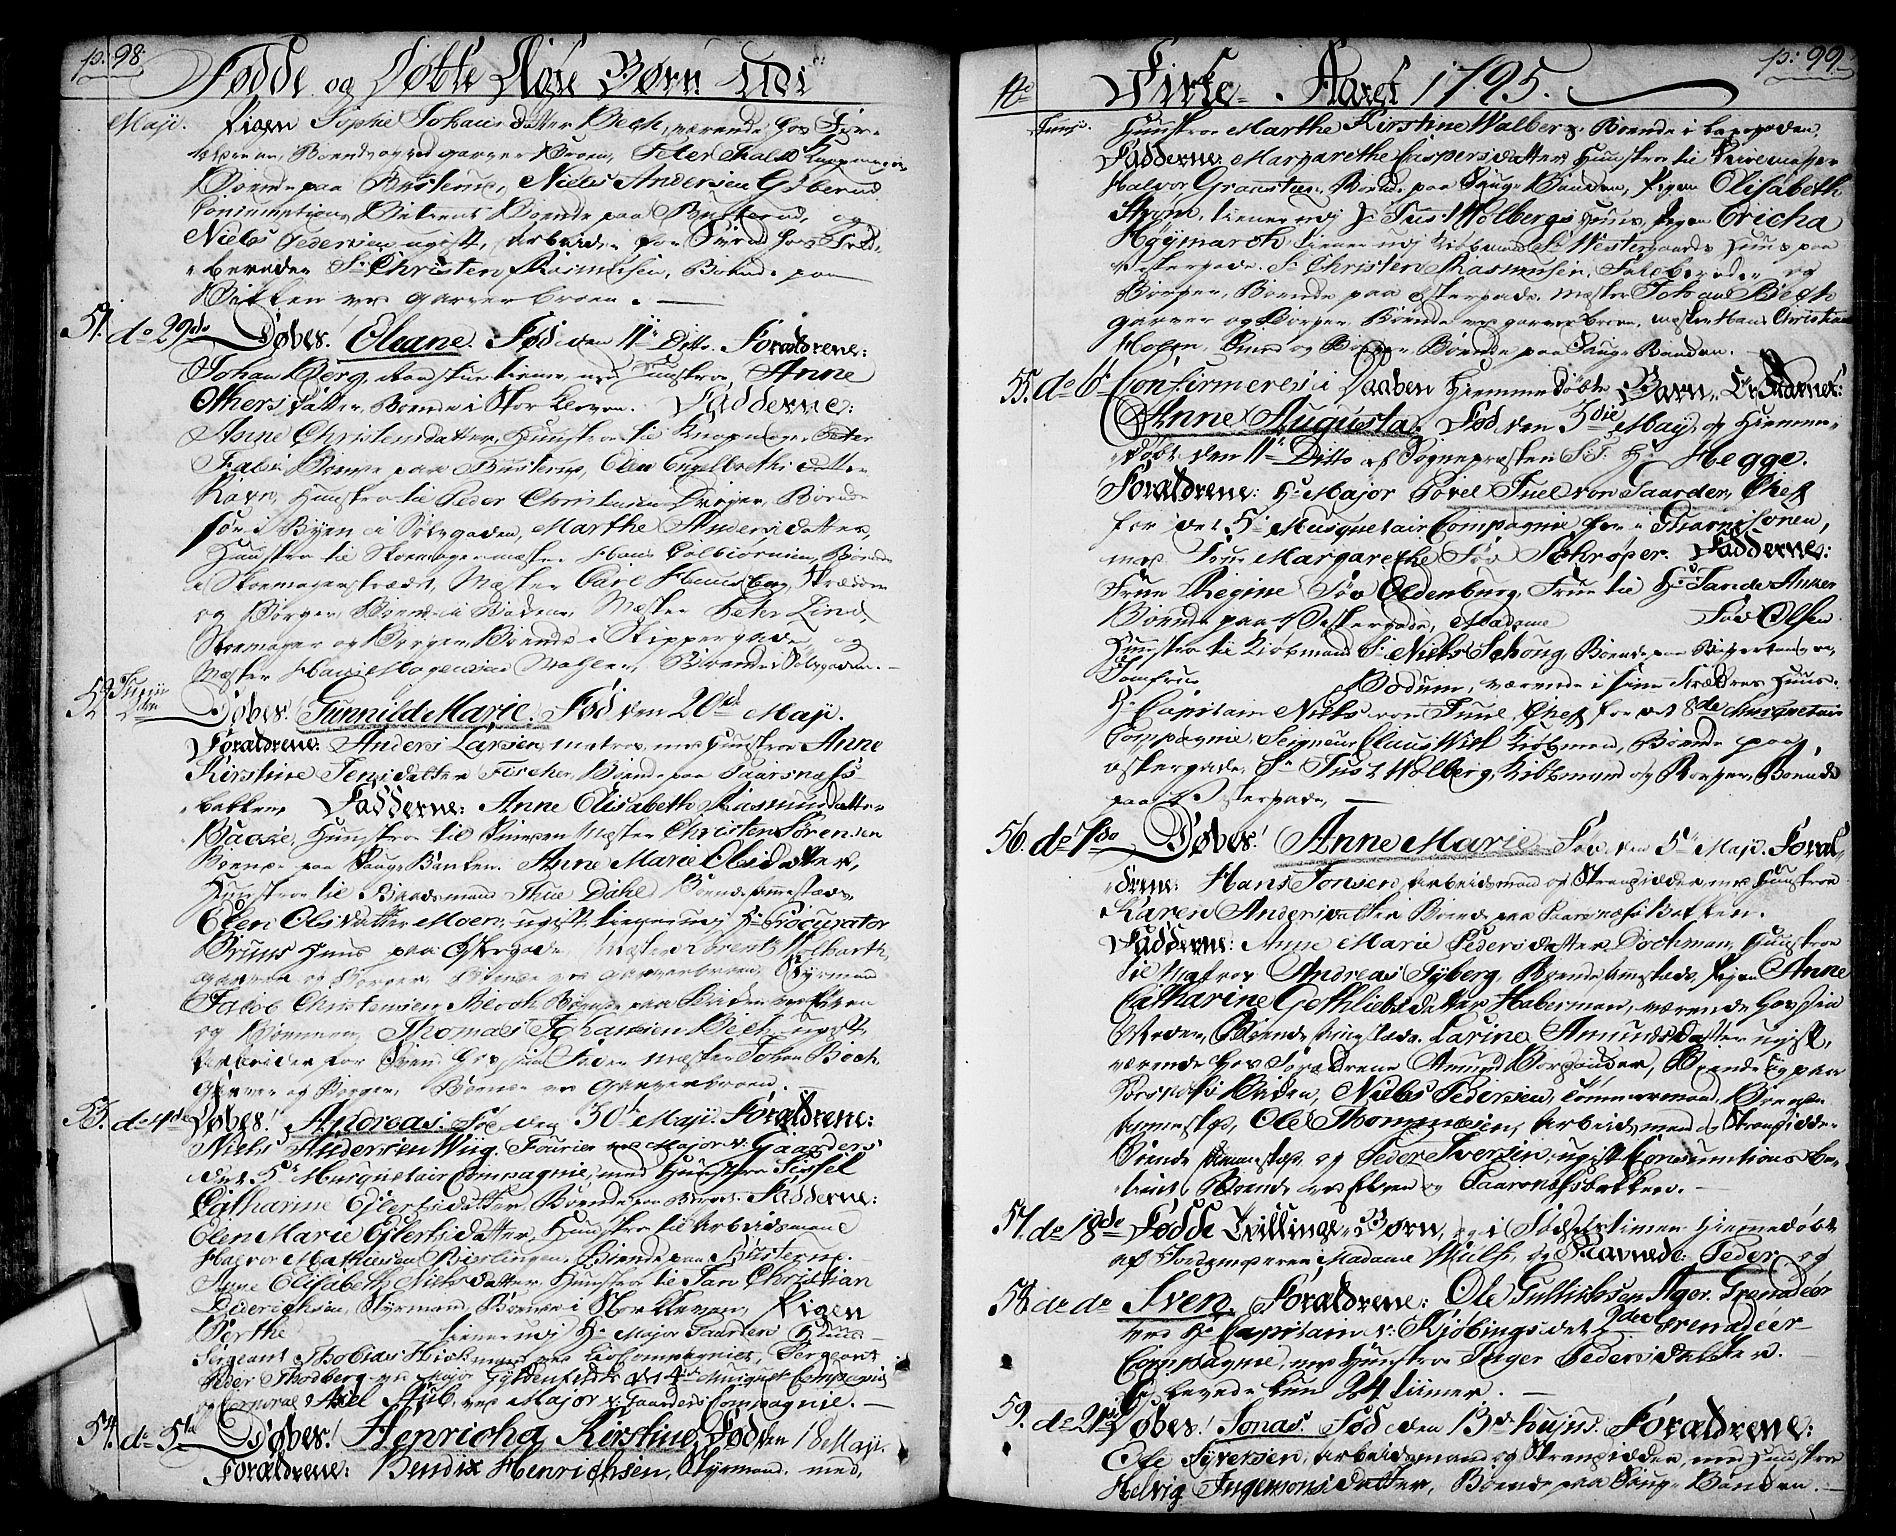 SAO, Halden prestekontor Kirkebøker, F/Fa/L0002: Ministerialbok nr. I 2, 1792-1812, s. 98-99